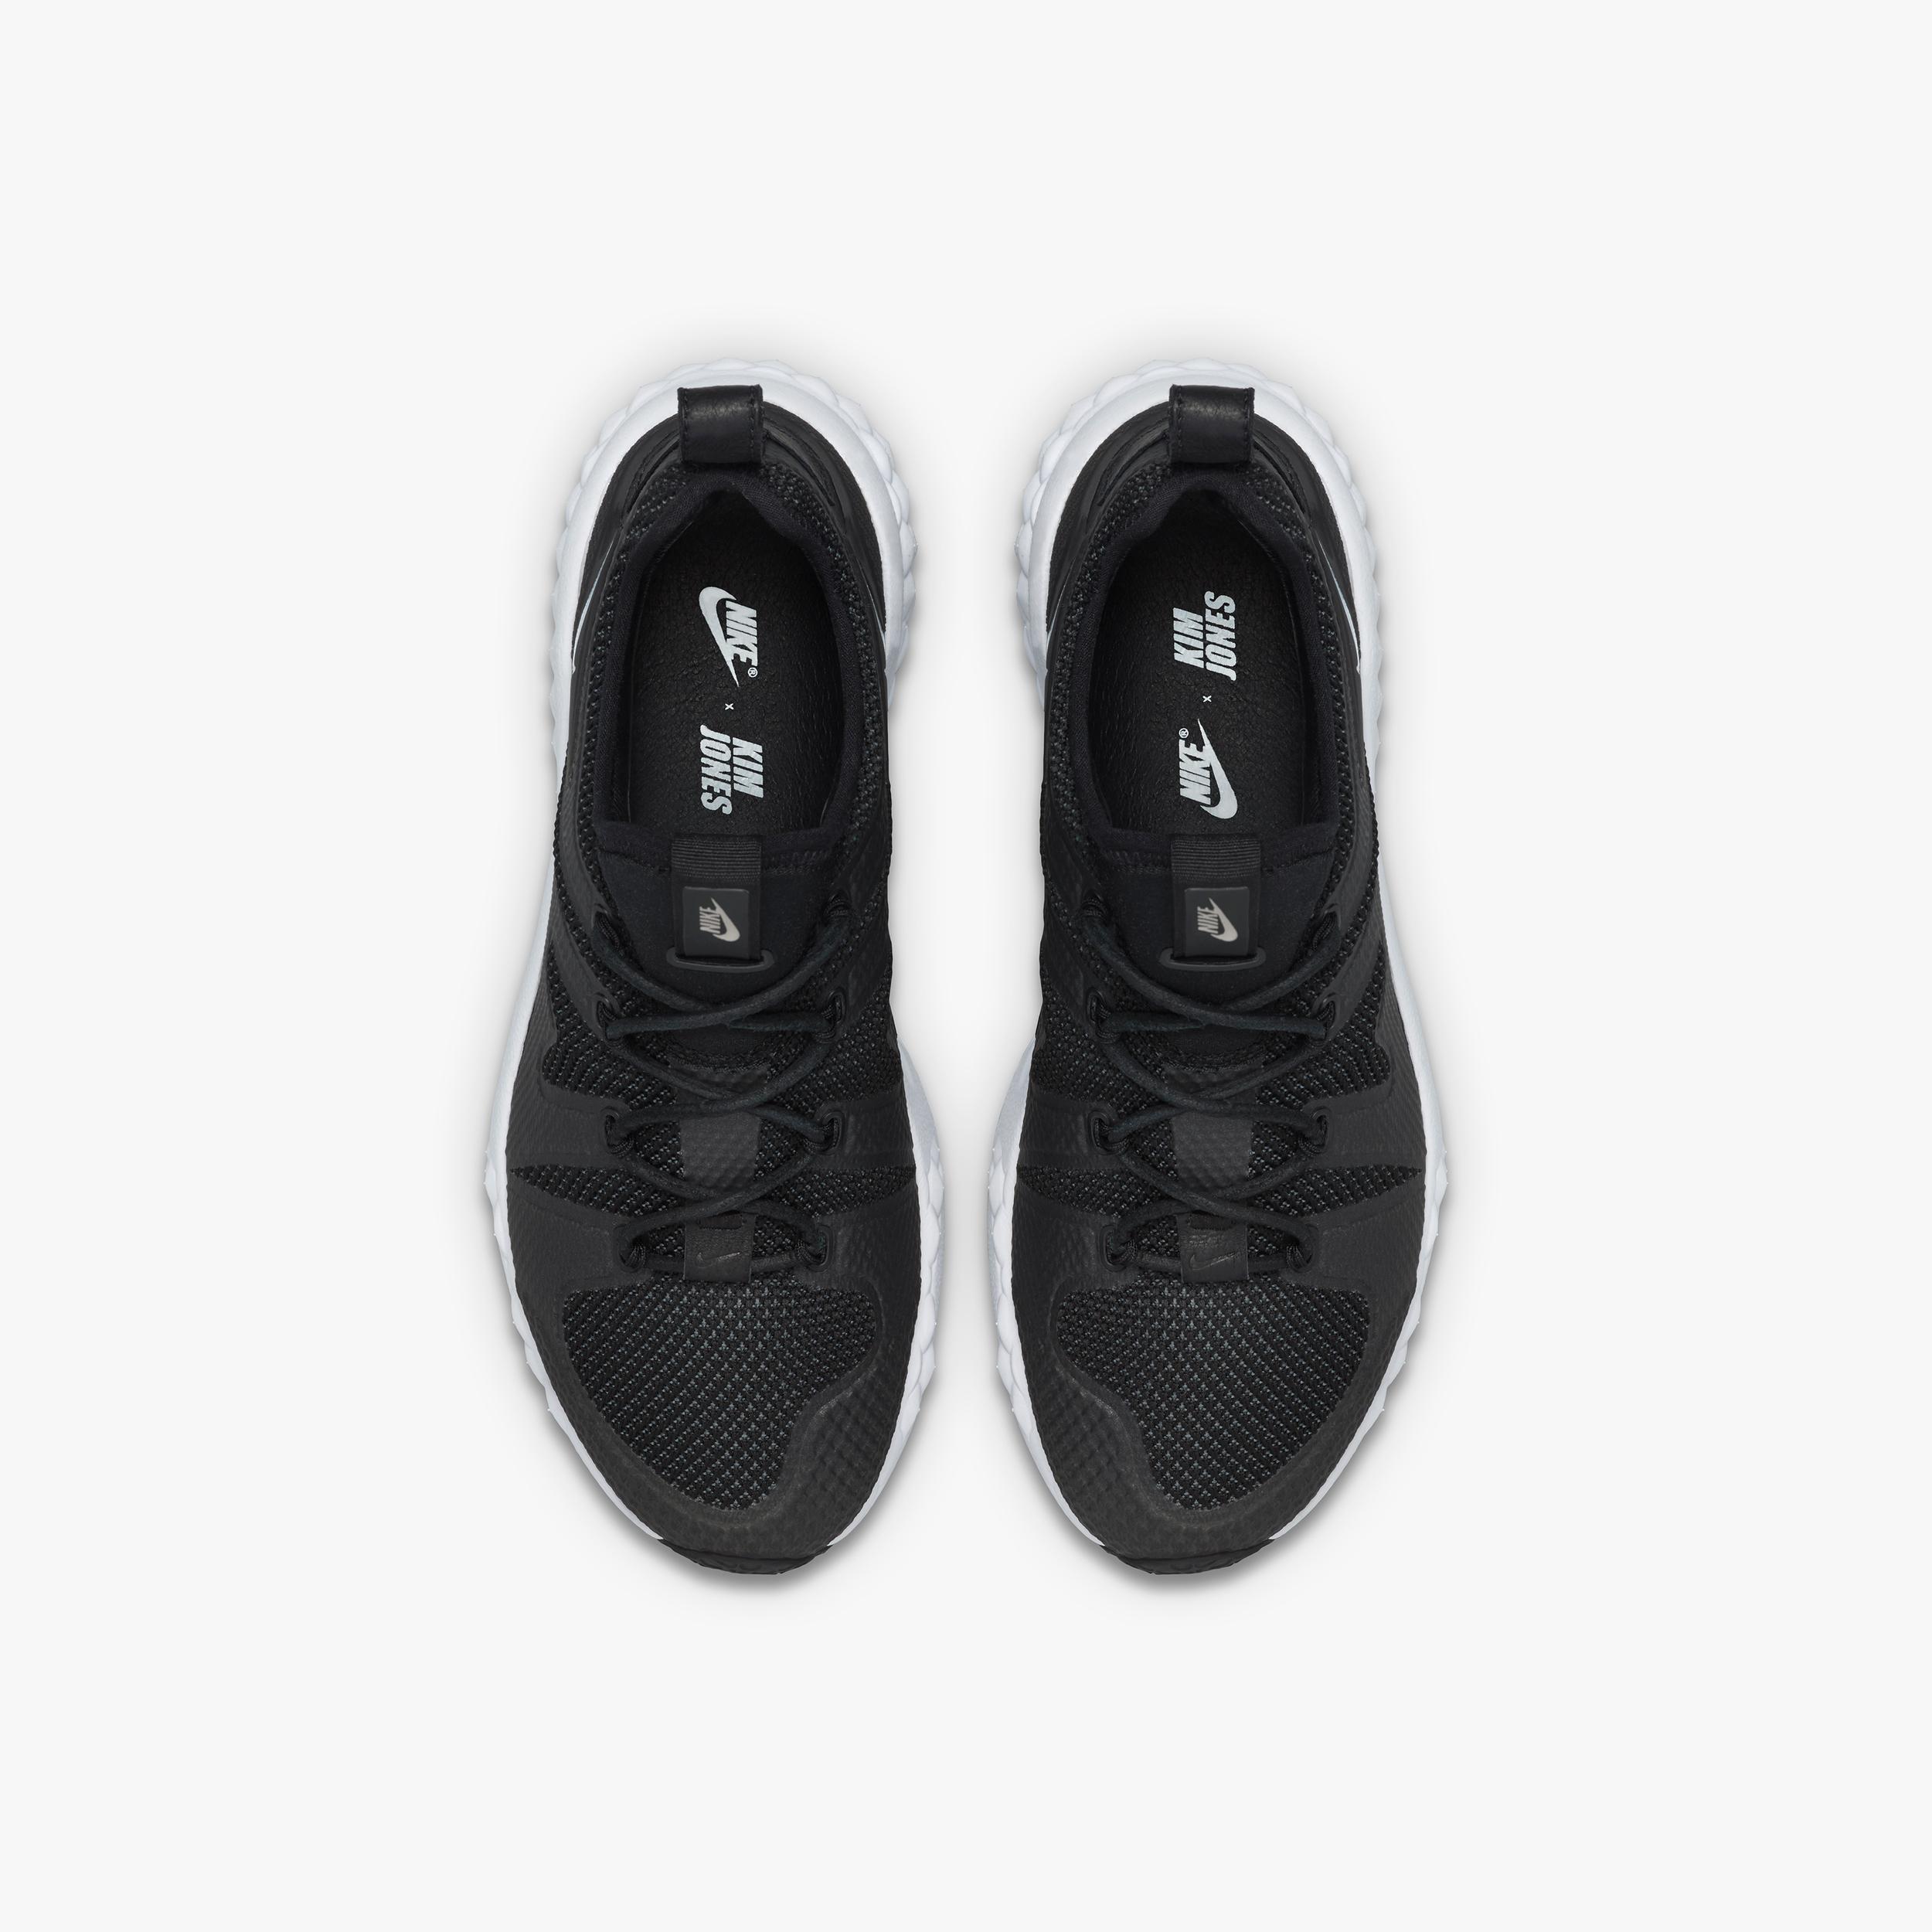 NikeLab_Air_Zoom_LWP_x_KJ_3_60317.jpg